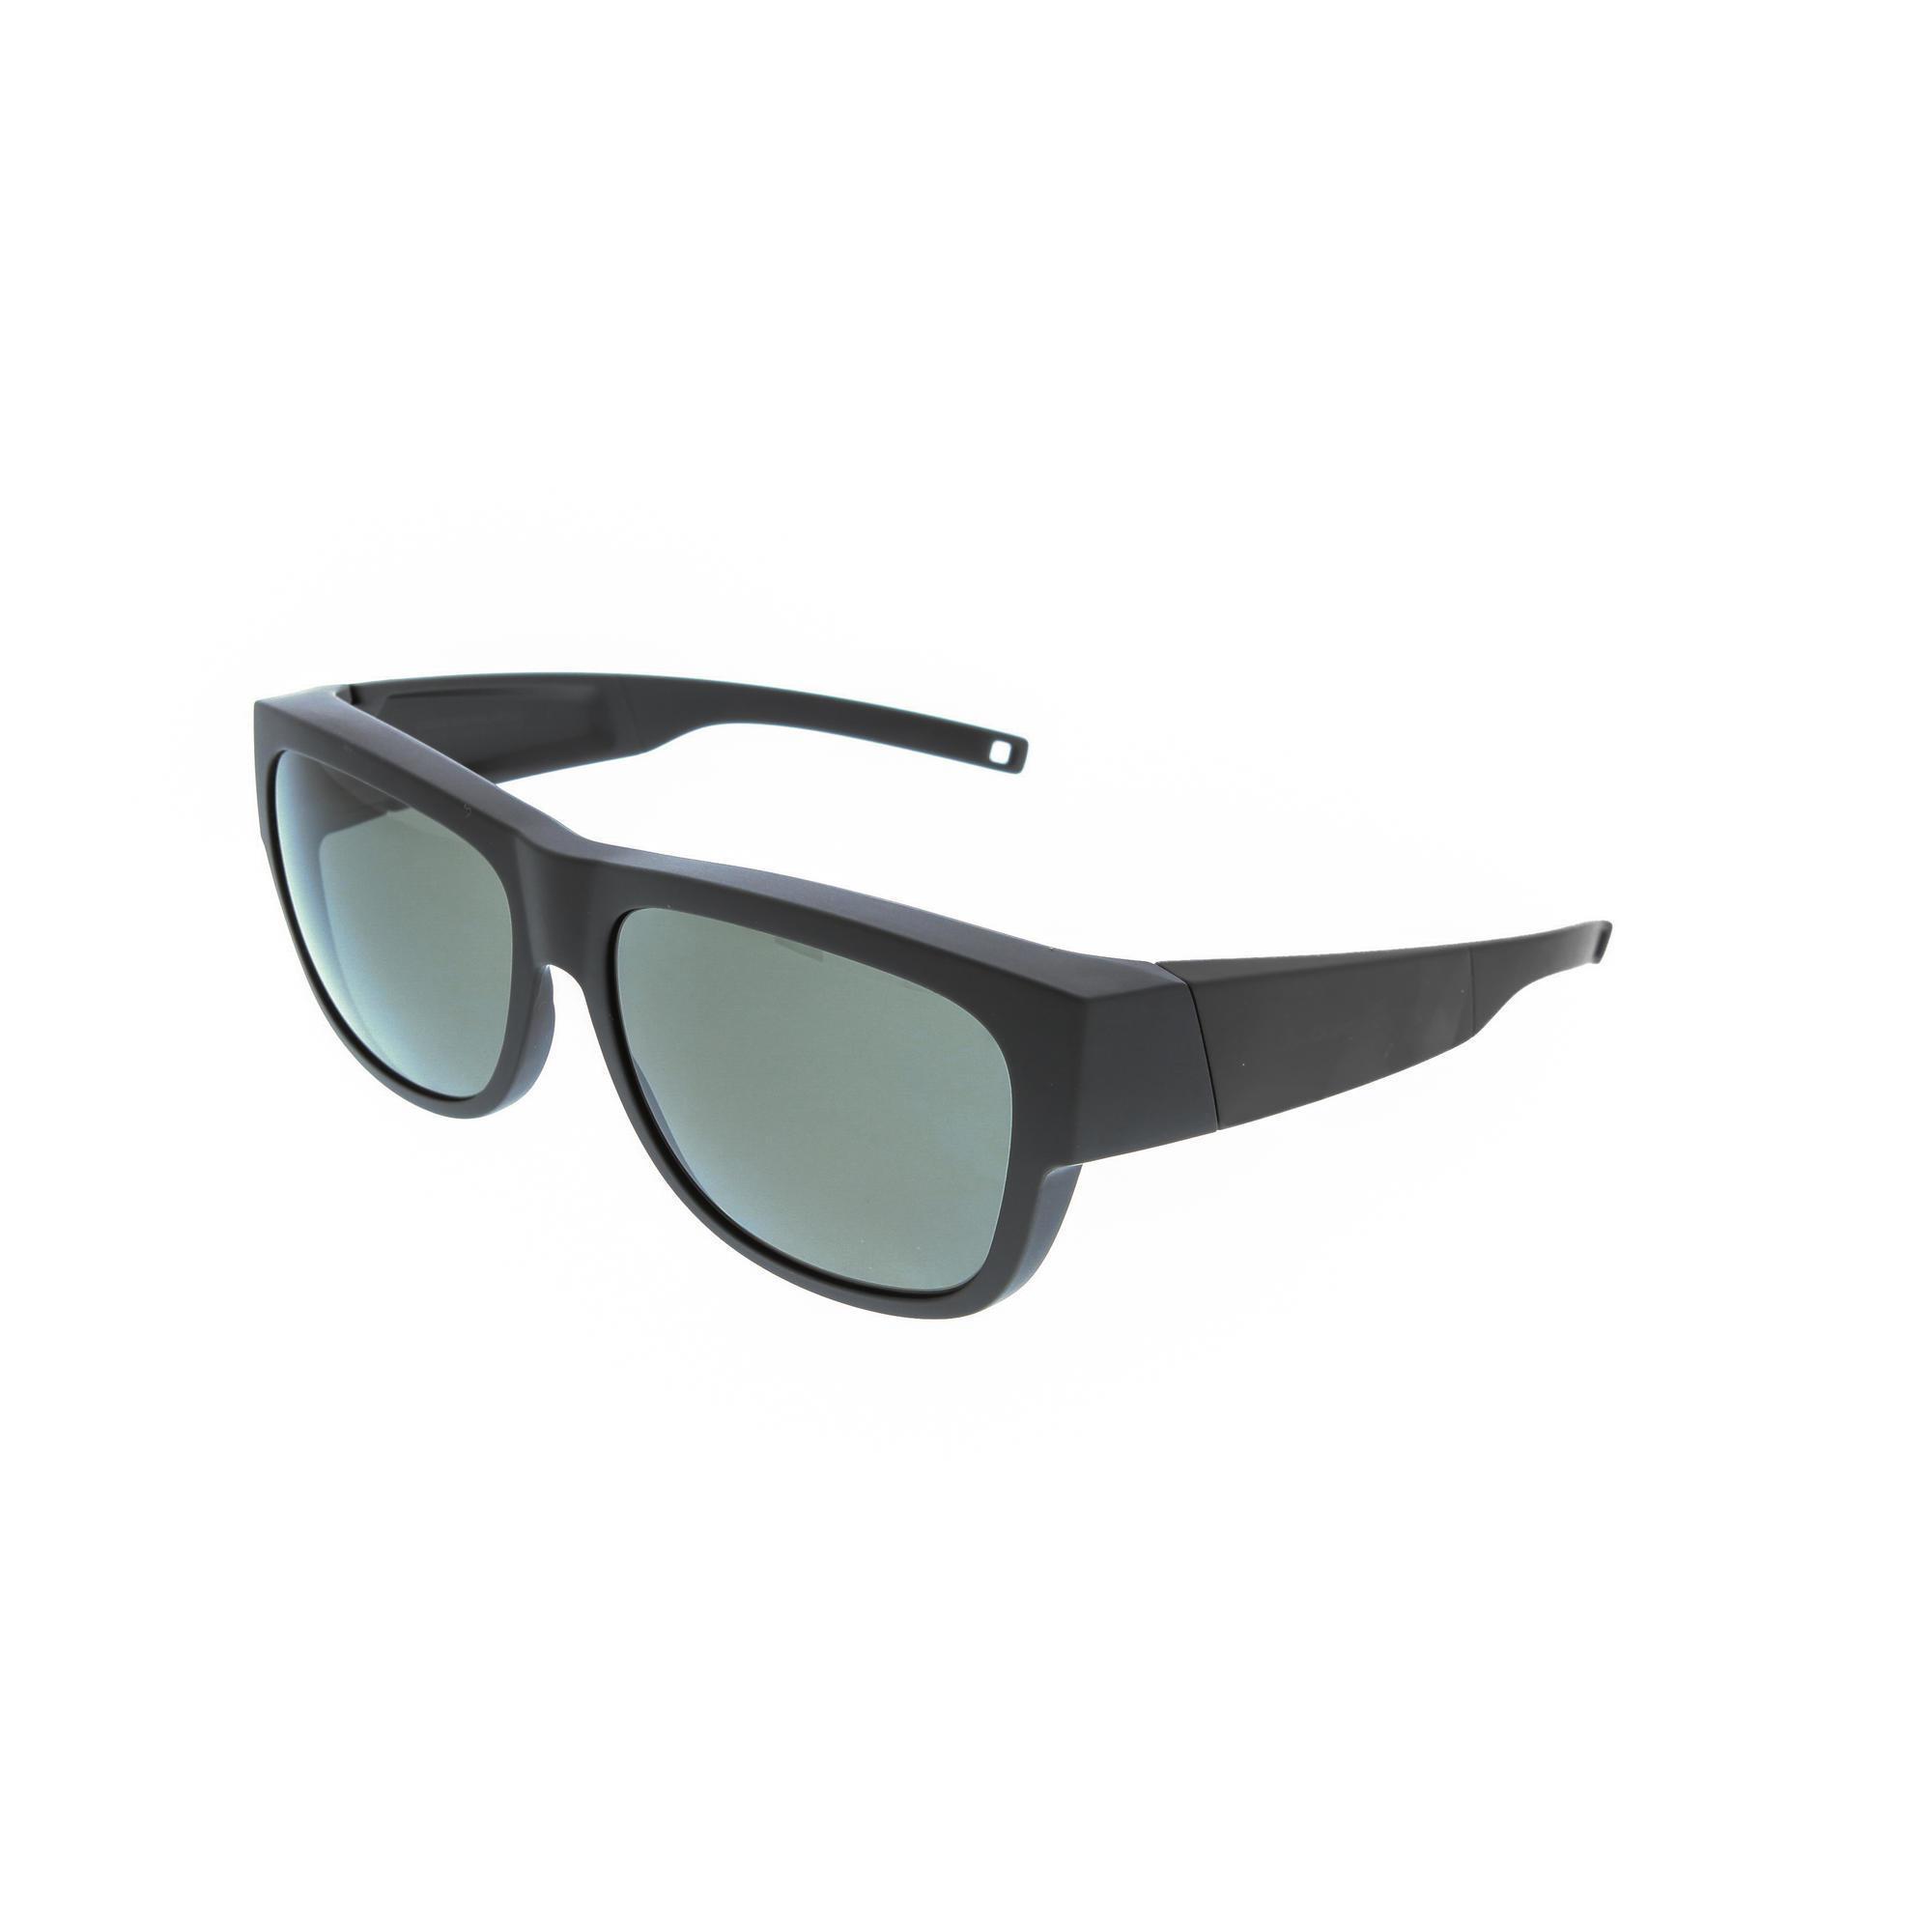 be6f7e6a8808d5 Quechua Sur-lunettes VISION COVER 500 verres polarisants catégorie 3    Decathlon